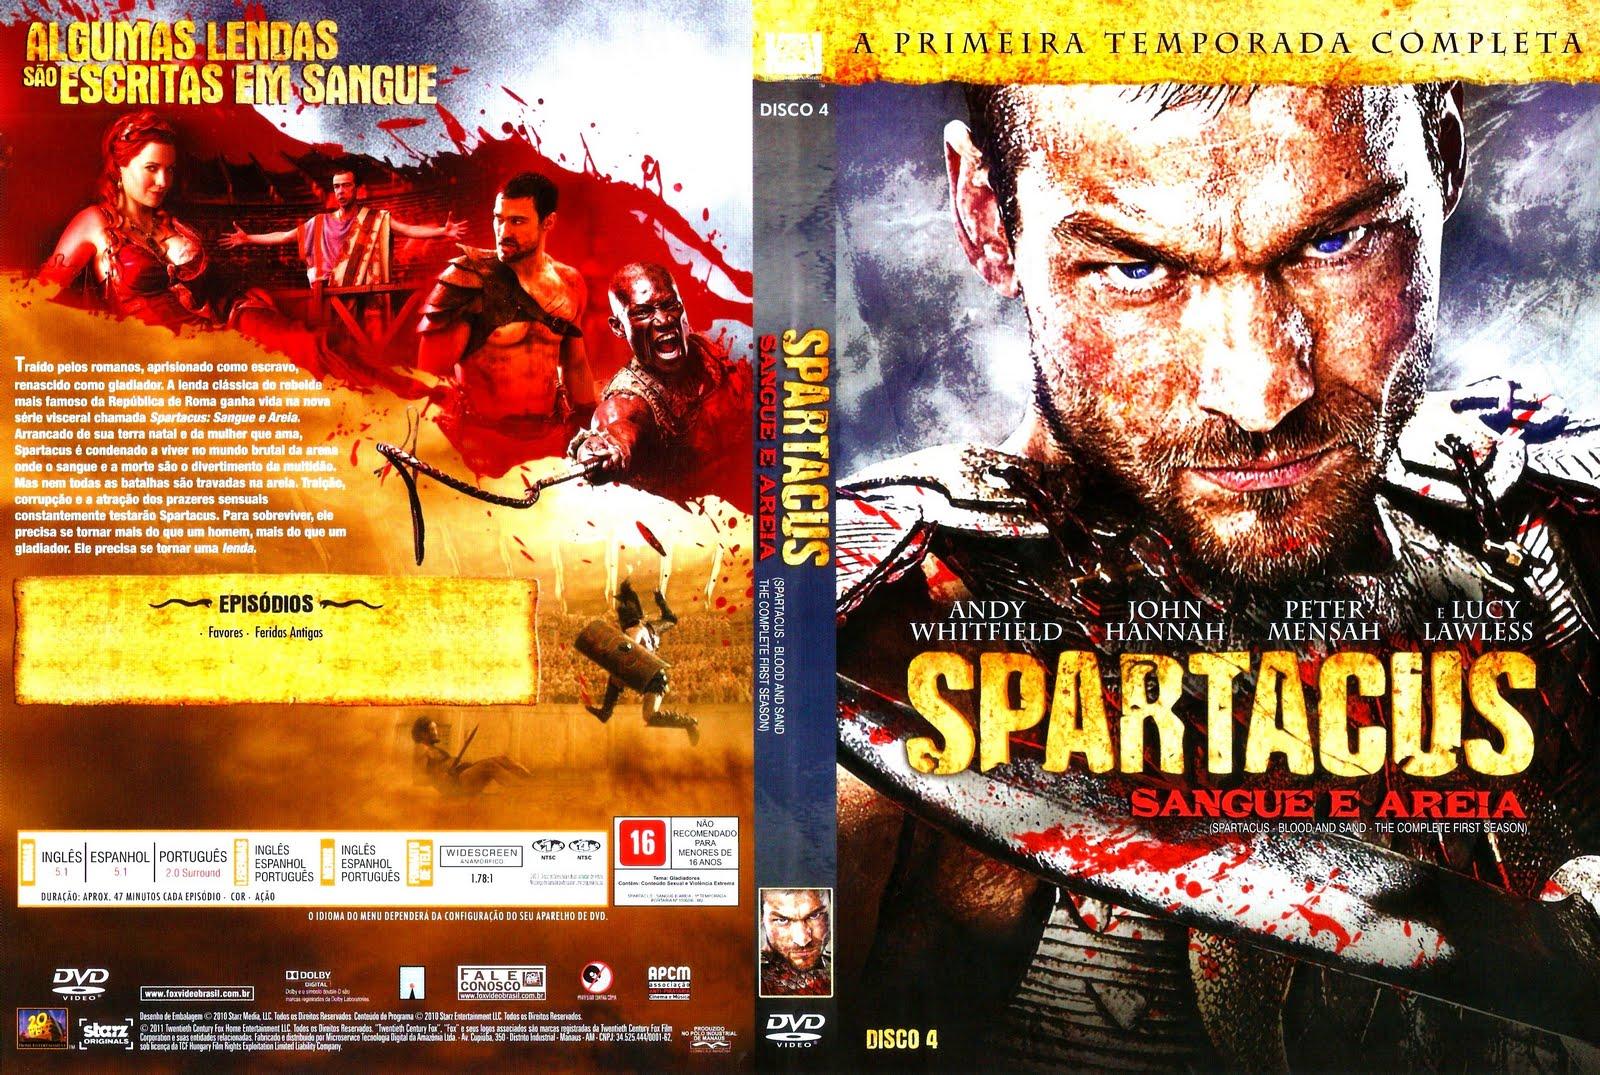 Filme Spartacus within spartacus sangue e areia ( 1ª temporada)   capas de filmes grátis